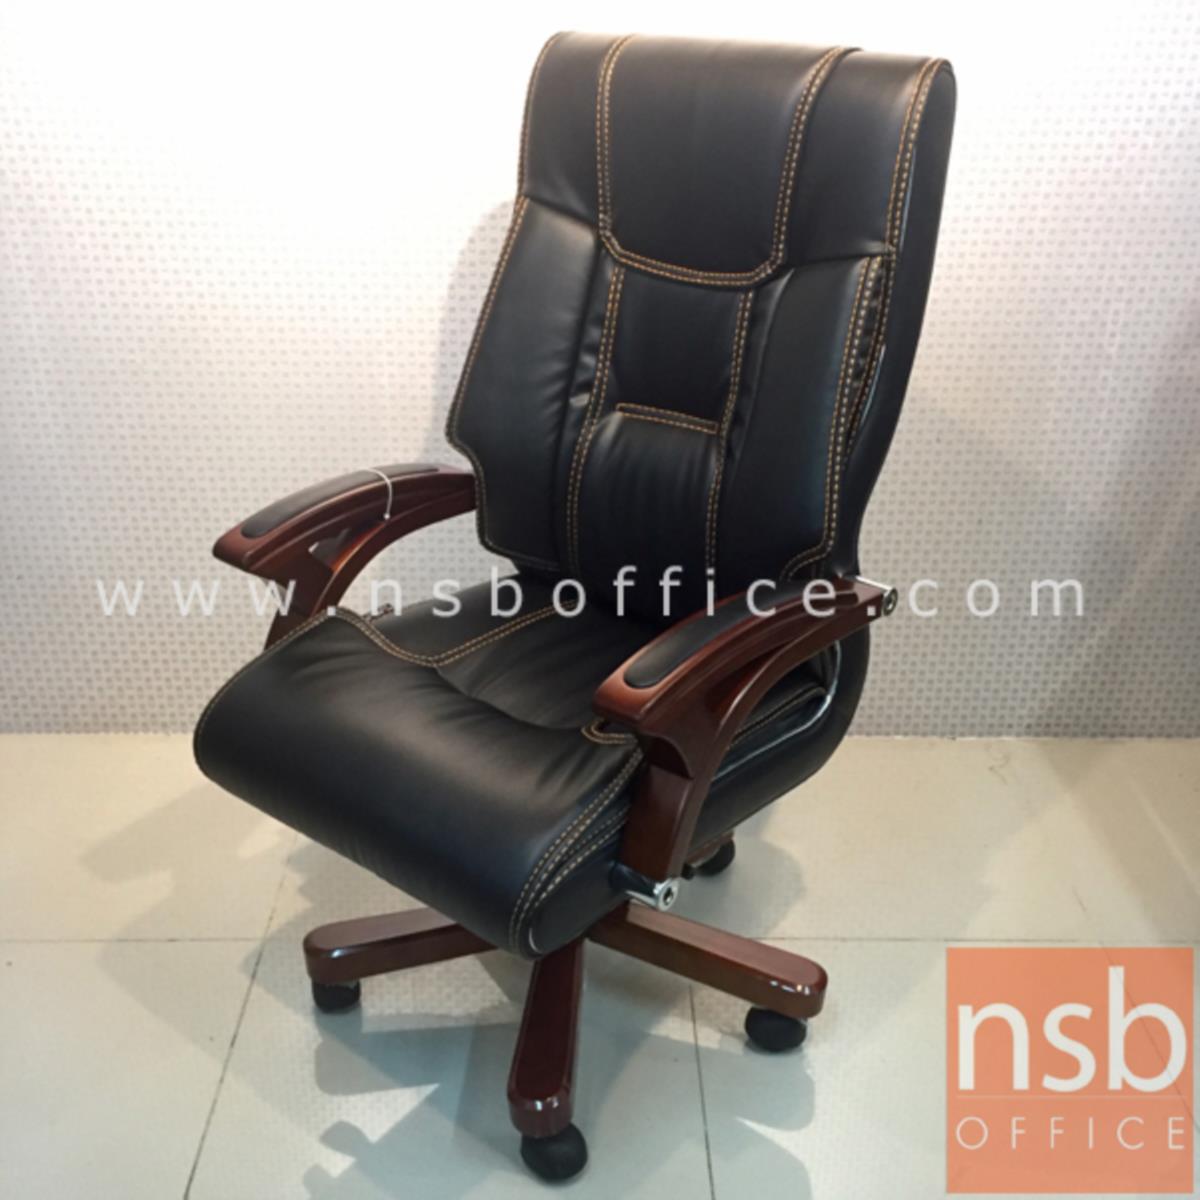 เก้าอี้ผู้บริหารหนังเทียม รุ่น Cadenza (คาเดนซ่า)  โช๊คแก๊ส มีก้อนโยก ขาไม้